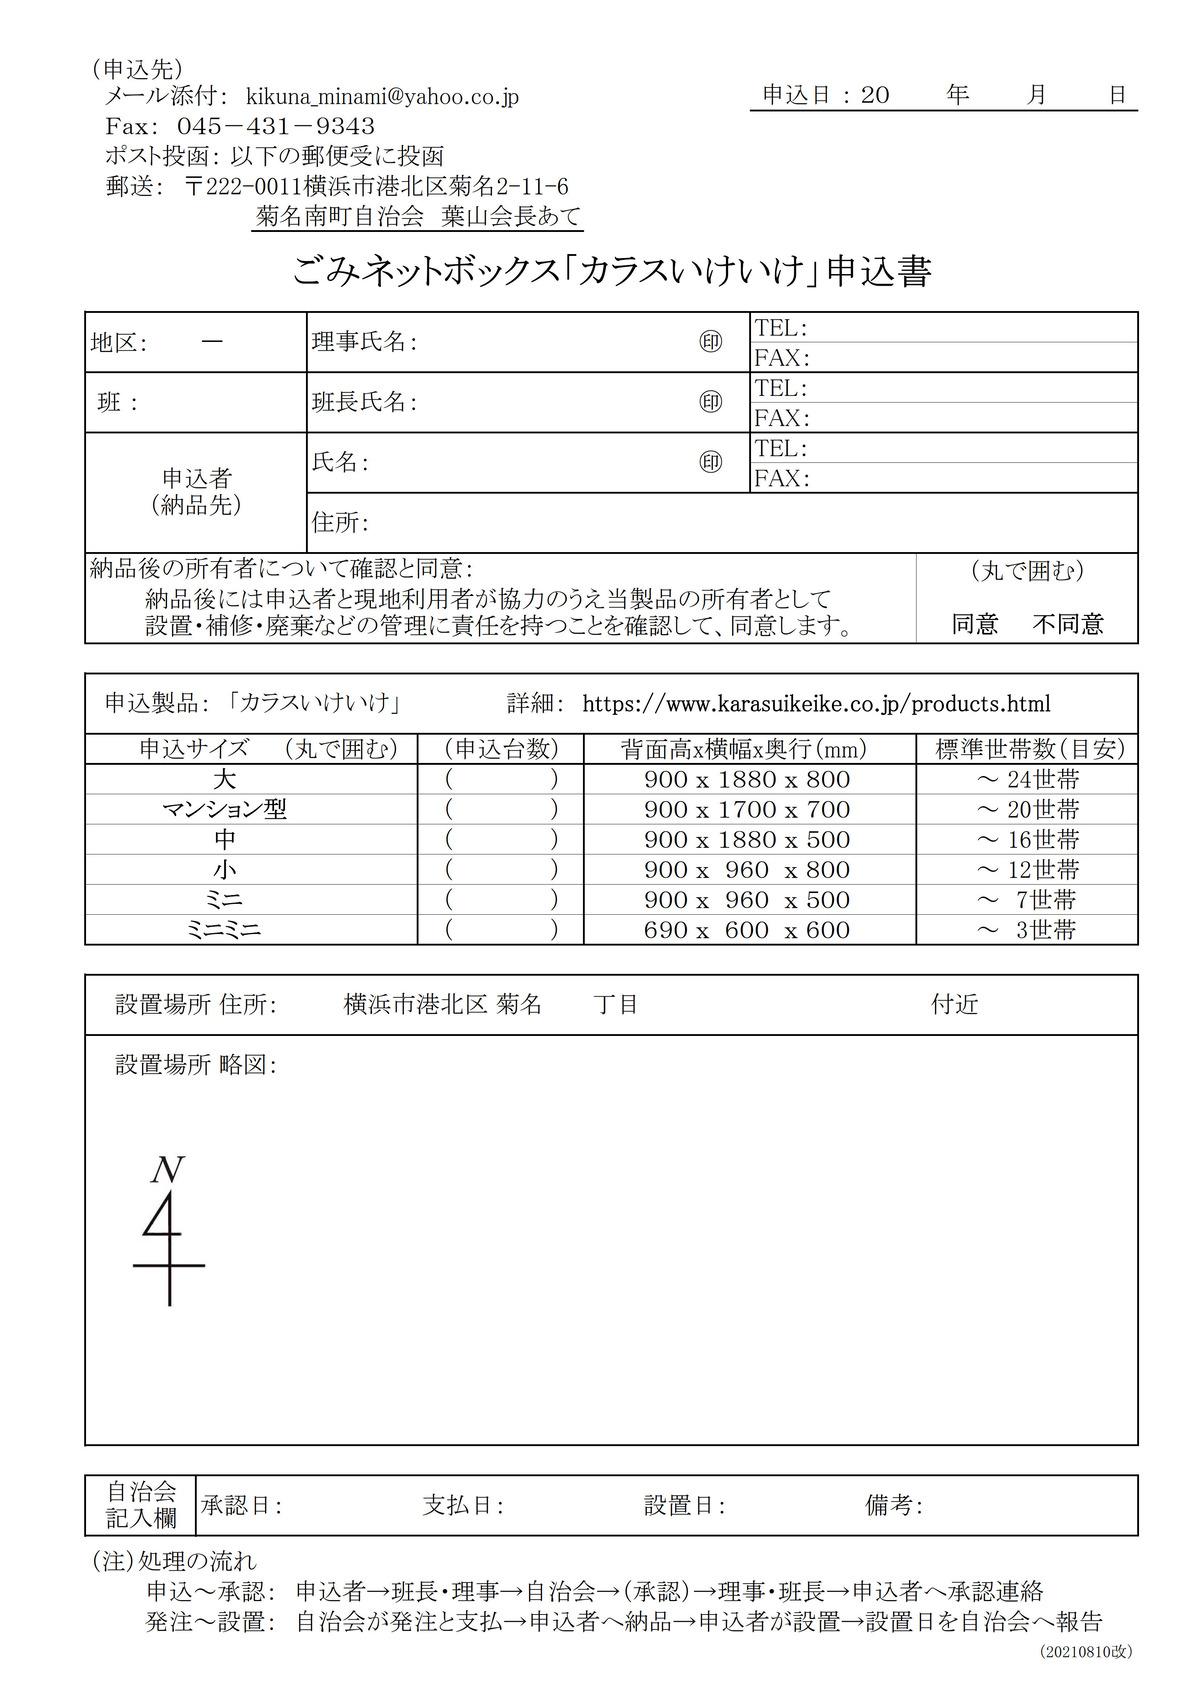 ごみネットボックス申込書_20210810改_1